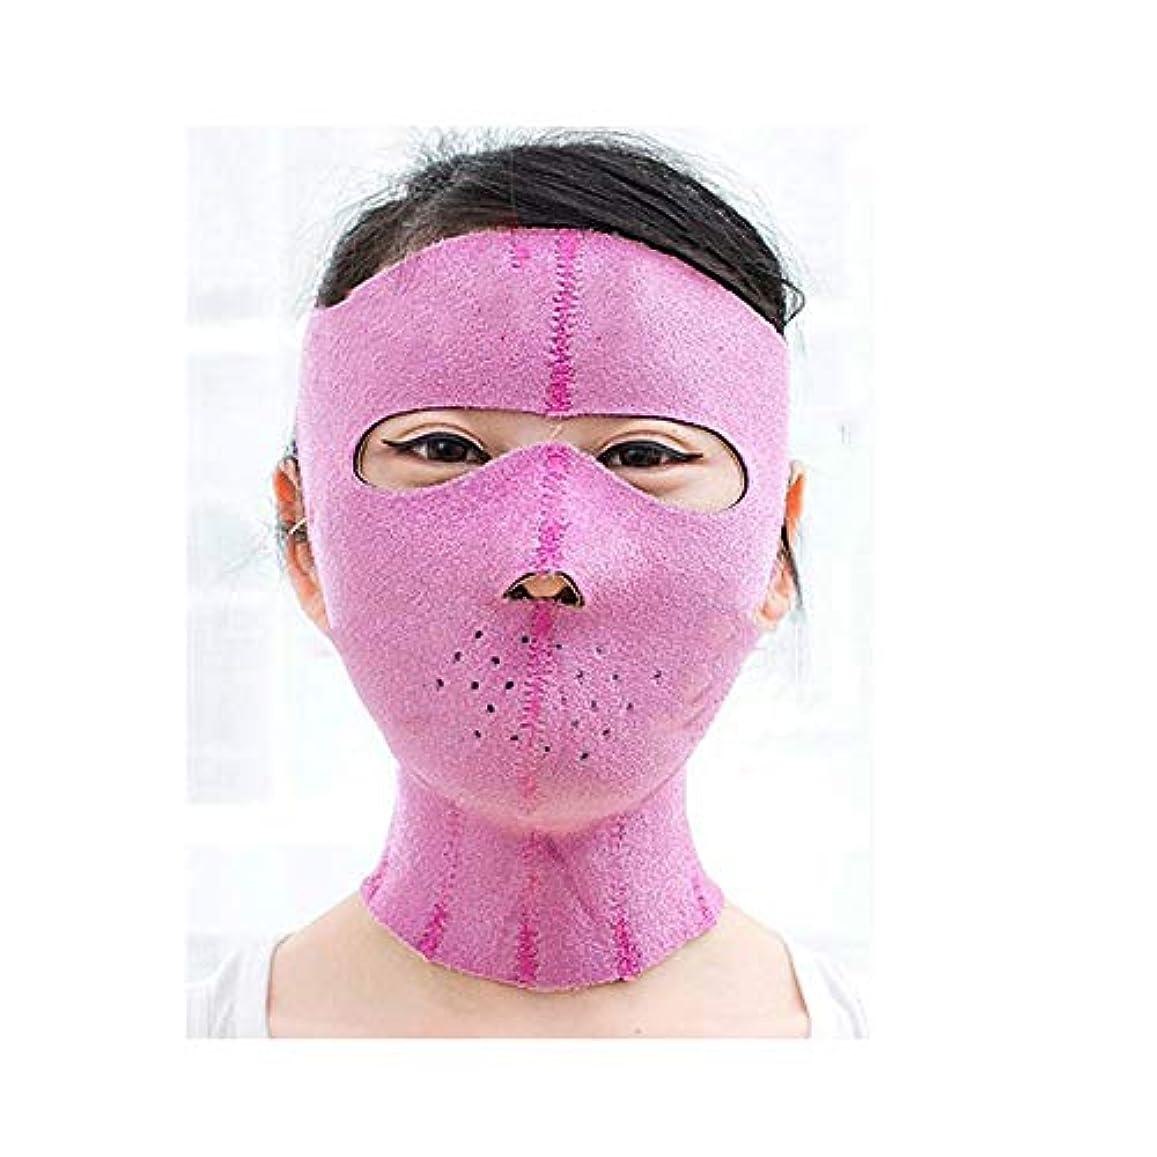 退却所有者日曜日フェイスリフティングサウナマスク、ウィッキングフェイス包帯/スモールフェイスアーチファクト/フェイスマスク(ピンク)